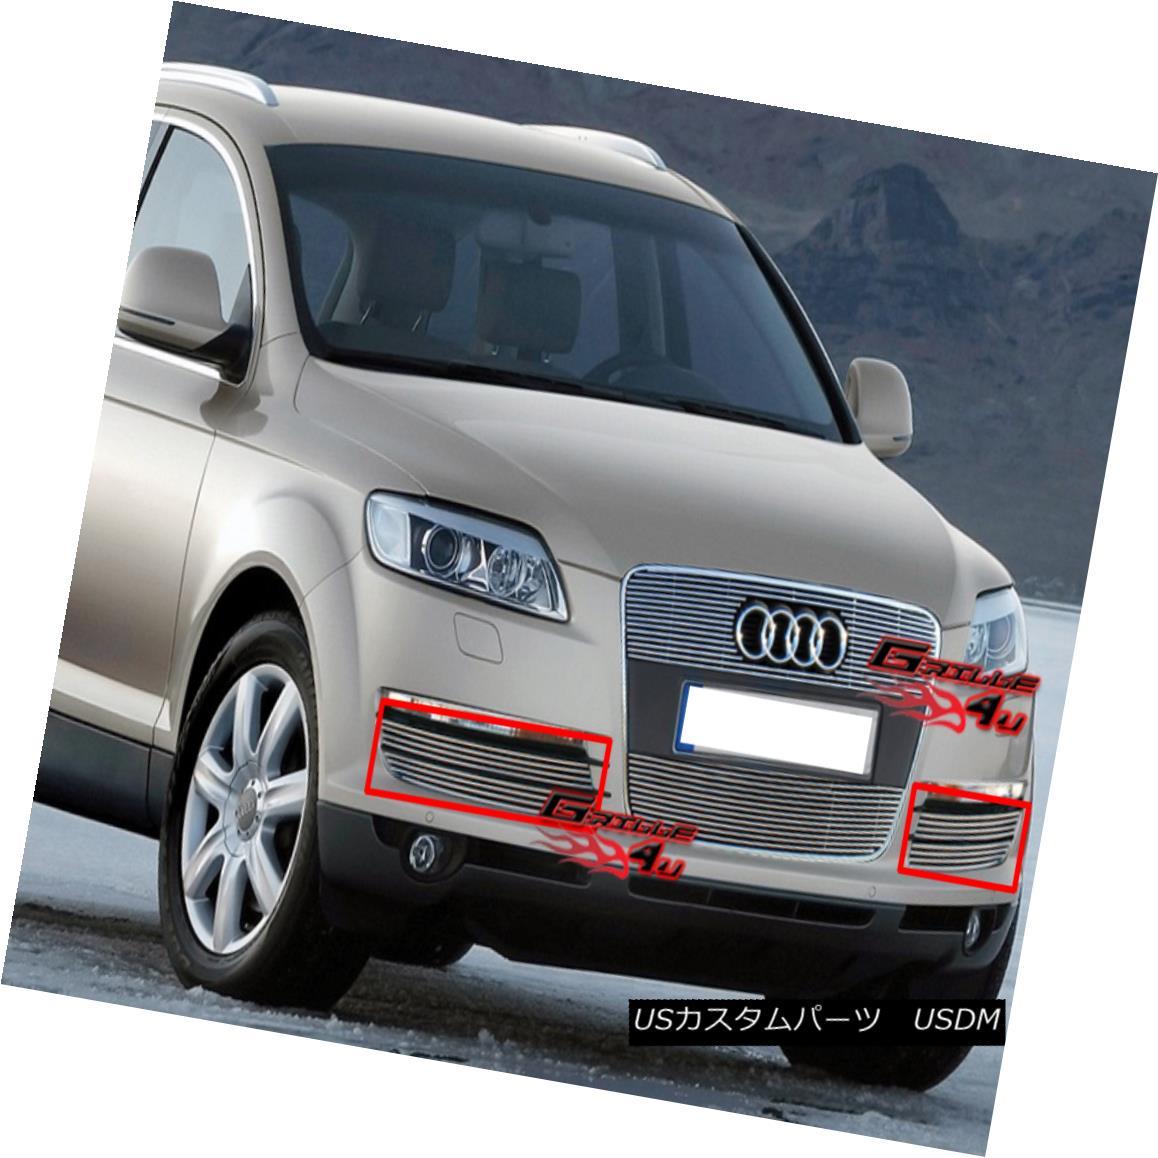 グリル Fits 2007-2011 Audi Q7 Bumper Billet Grille Insert フィット2007年から2011年のアウディQ7バンパービレットグリルの挿入